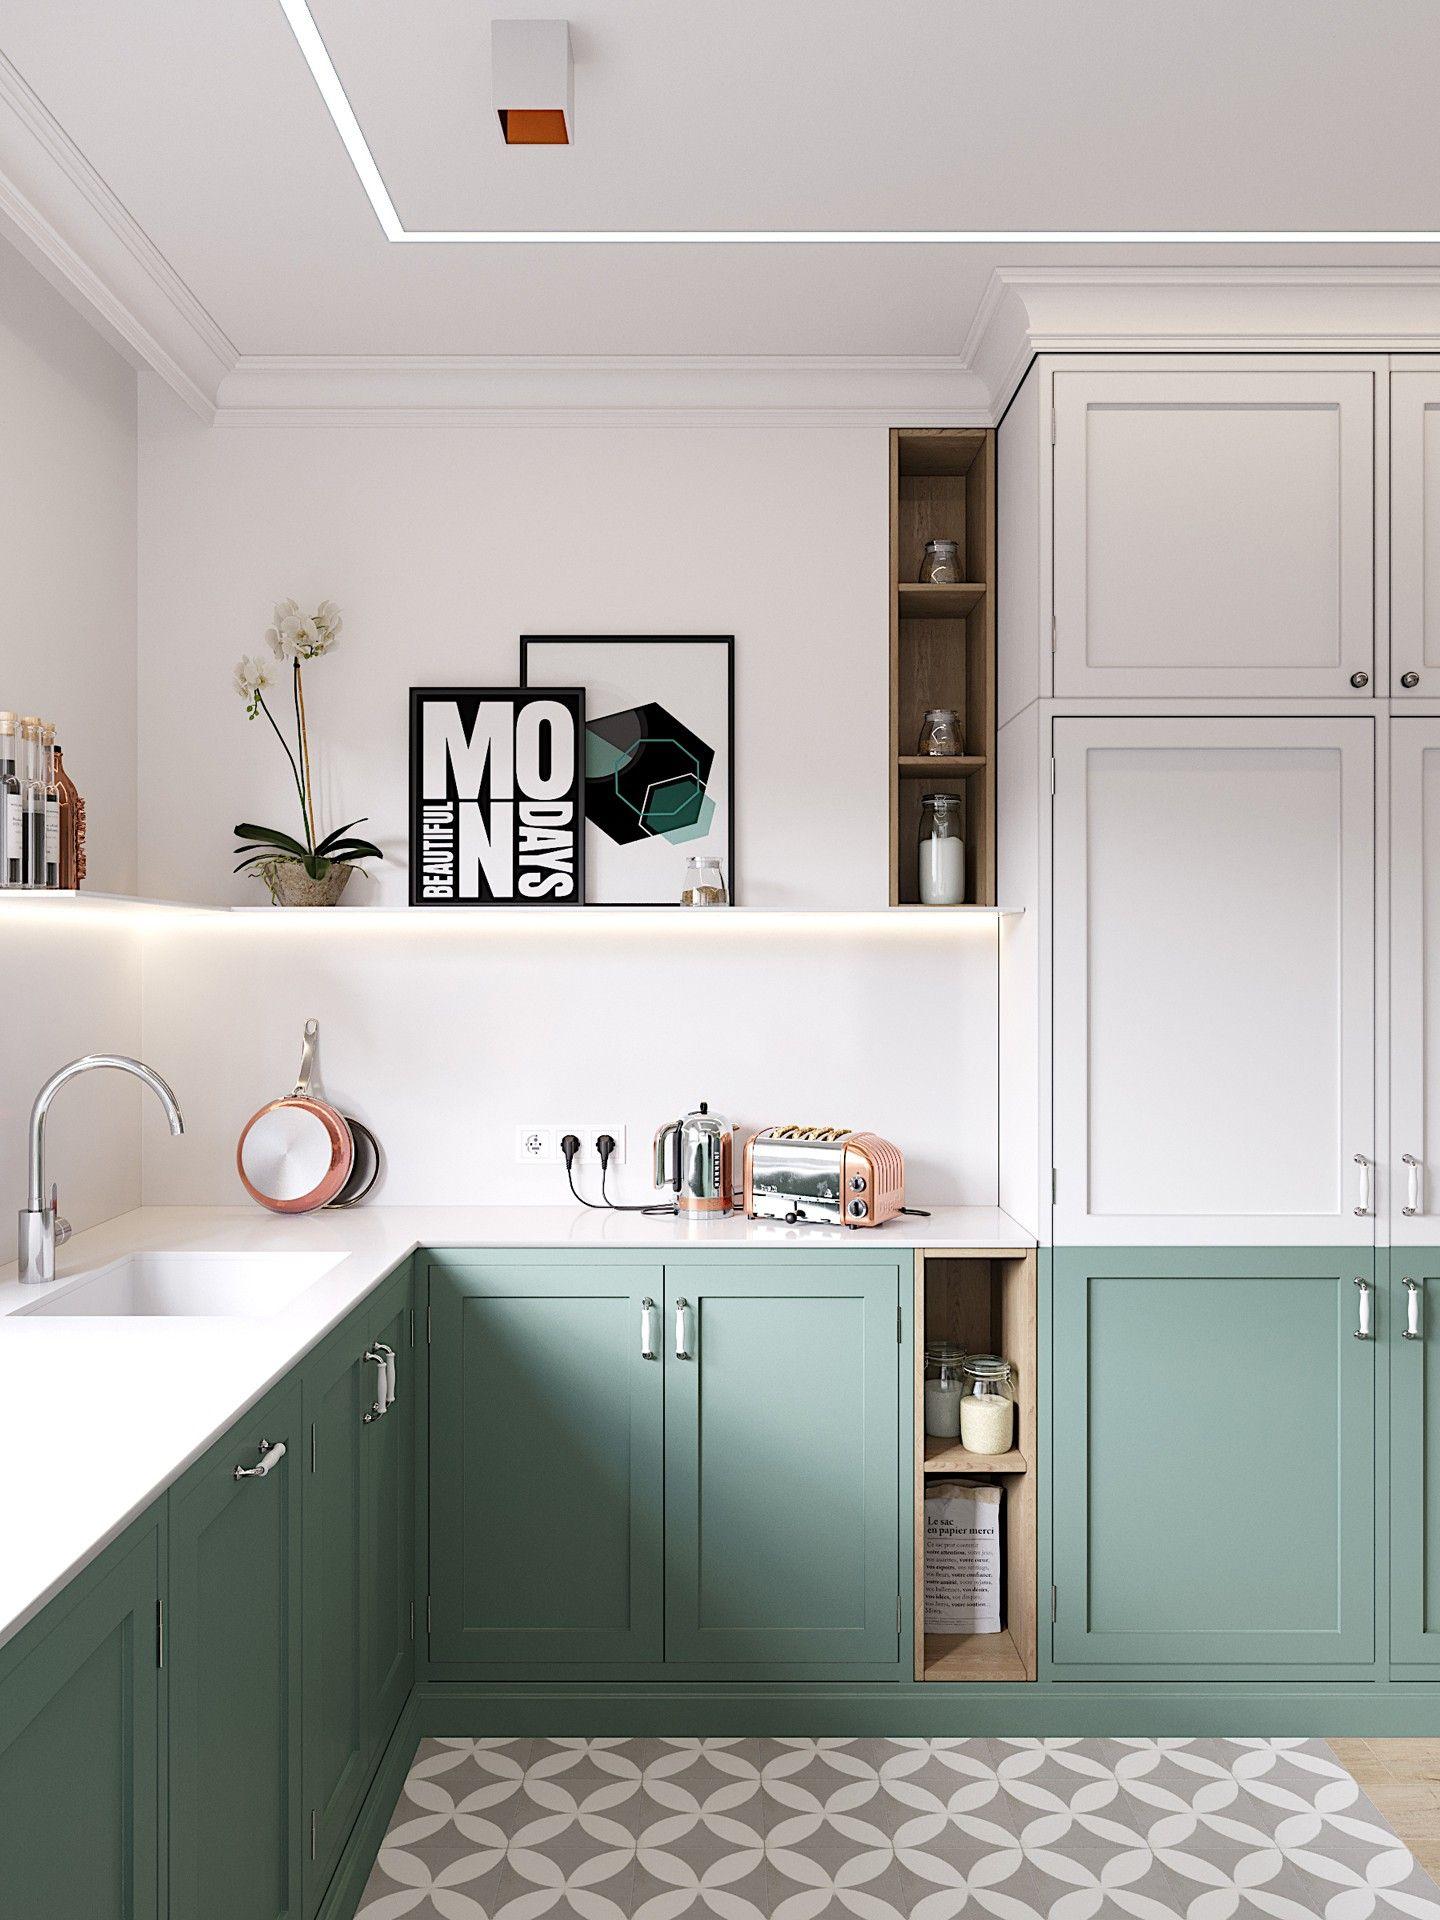 Décor do dia: armários bicolores na cozinha #allwhiteroom